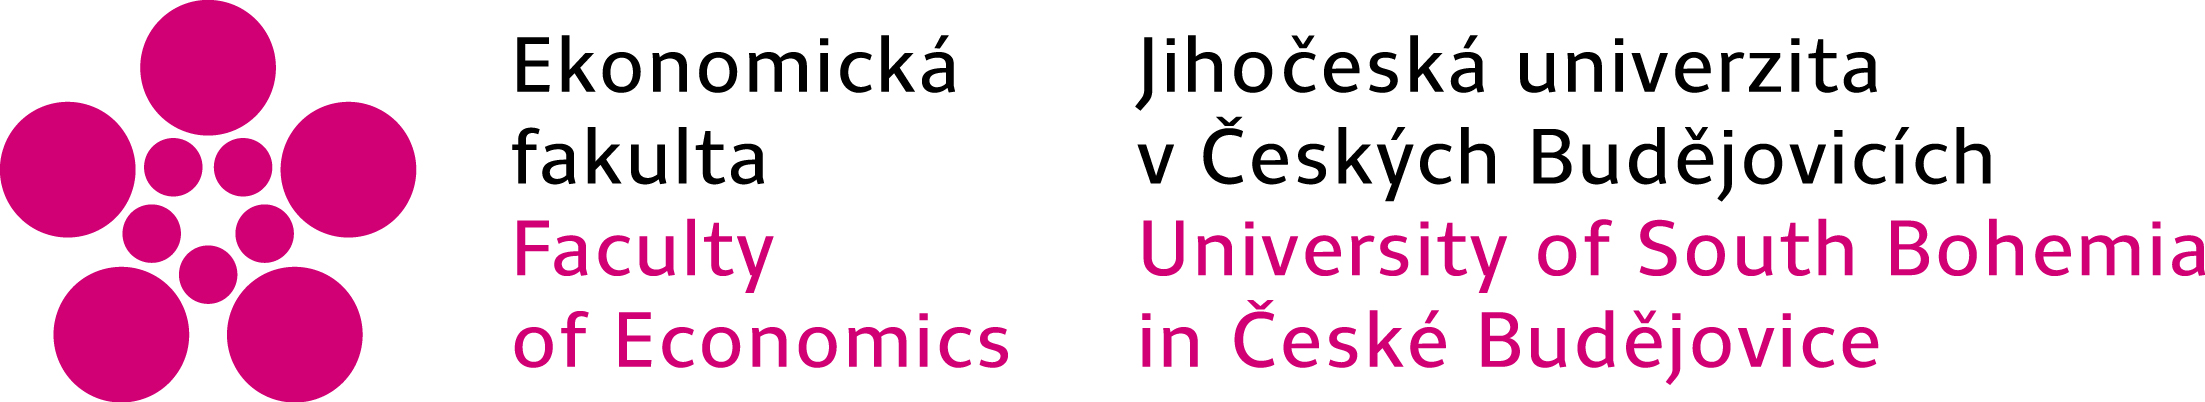 Logo Ekonomické fakulty Jihočeské univerzity v Českých Budějovicích